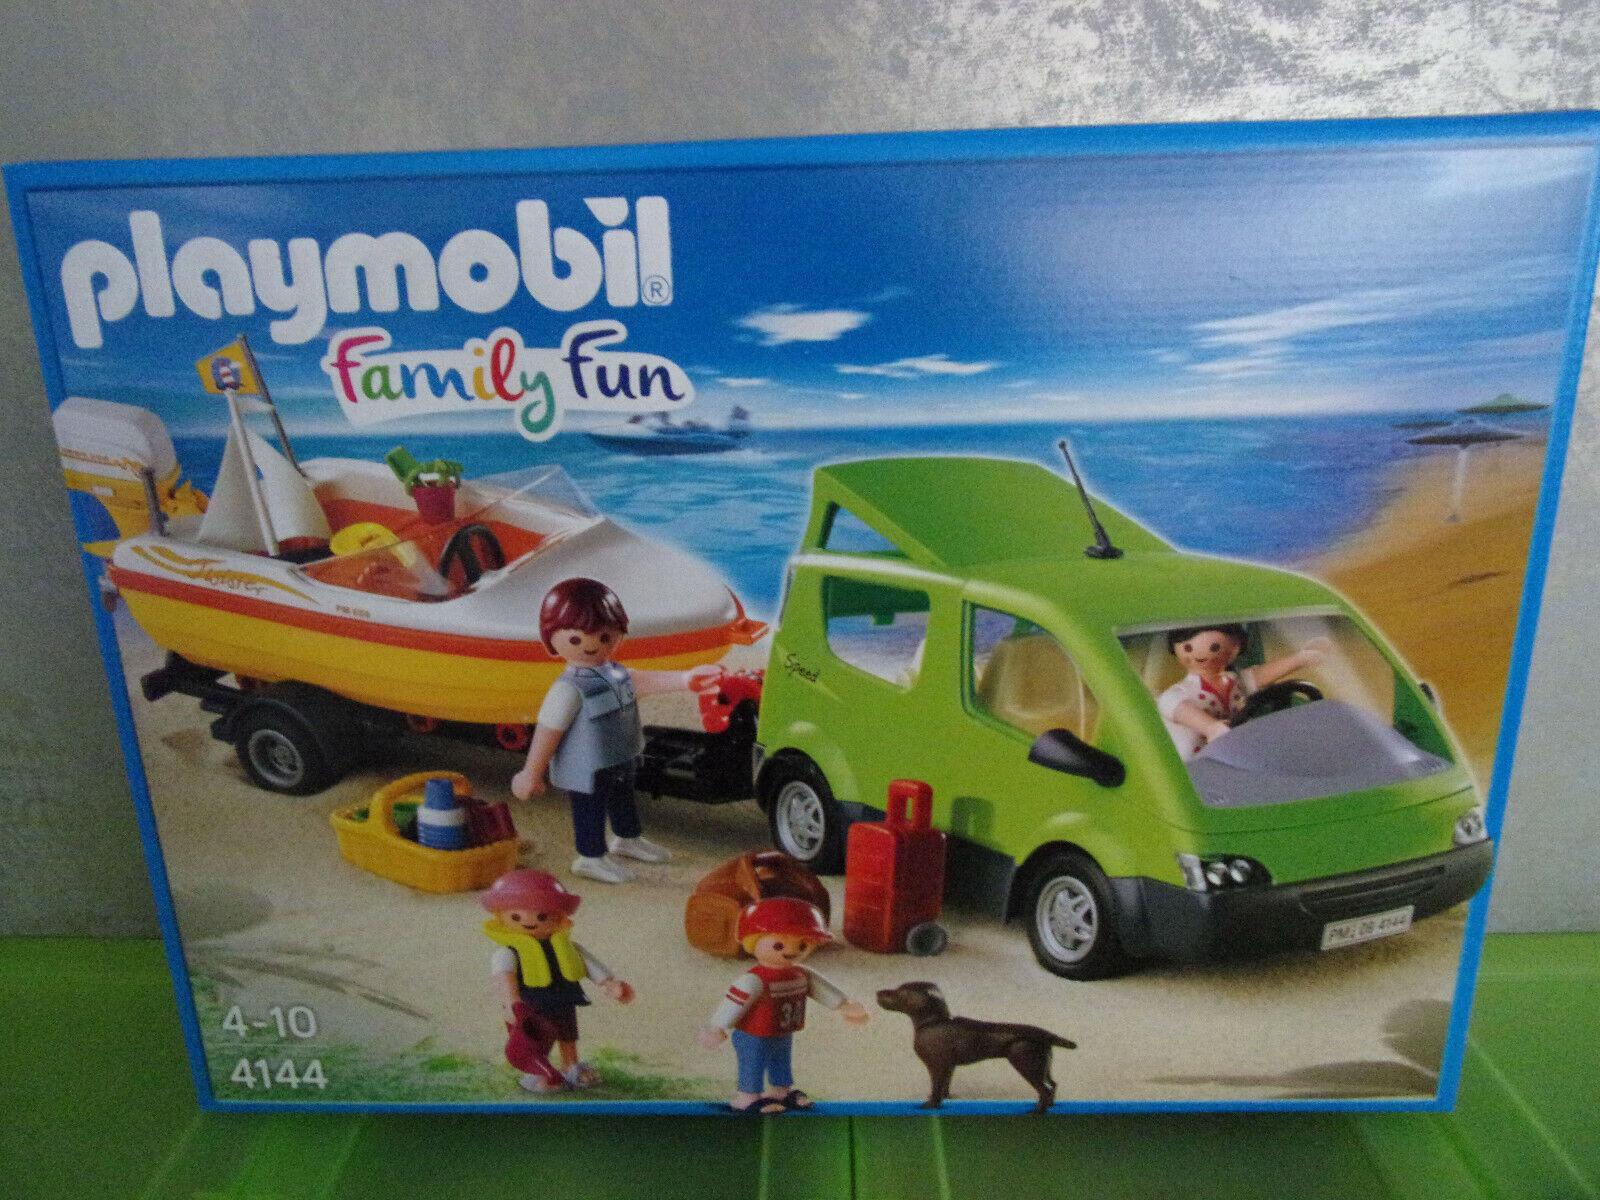 Playmobil Family divertimento 4144 Familyvan con Remolque de Barco  - Nuevo y Emb. Orig.  più ordine